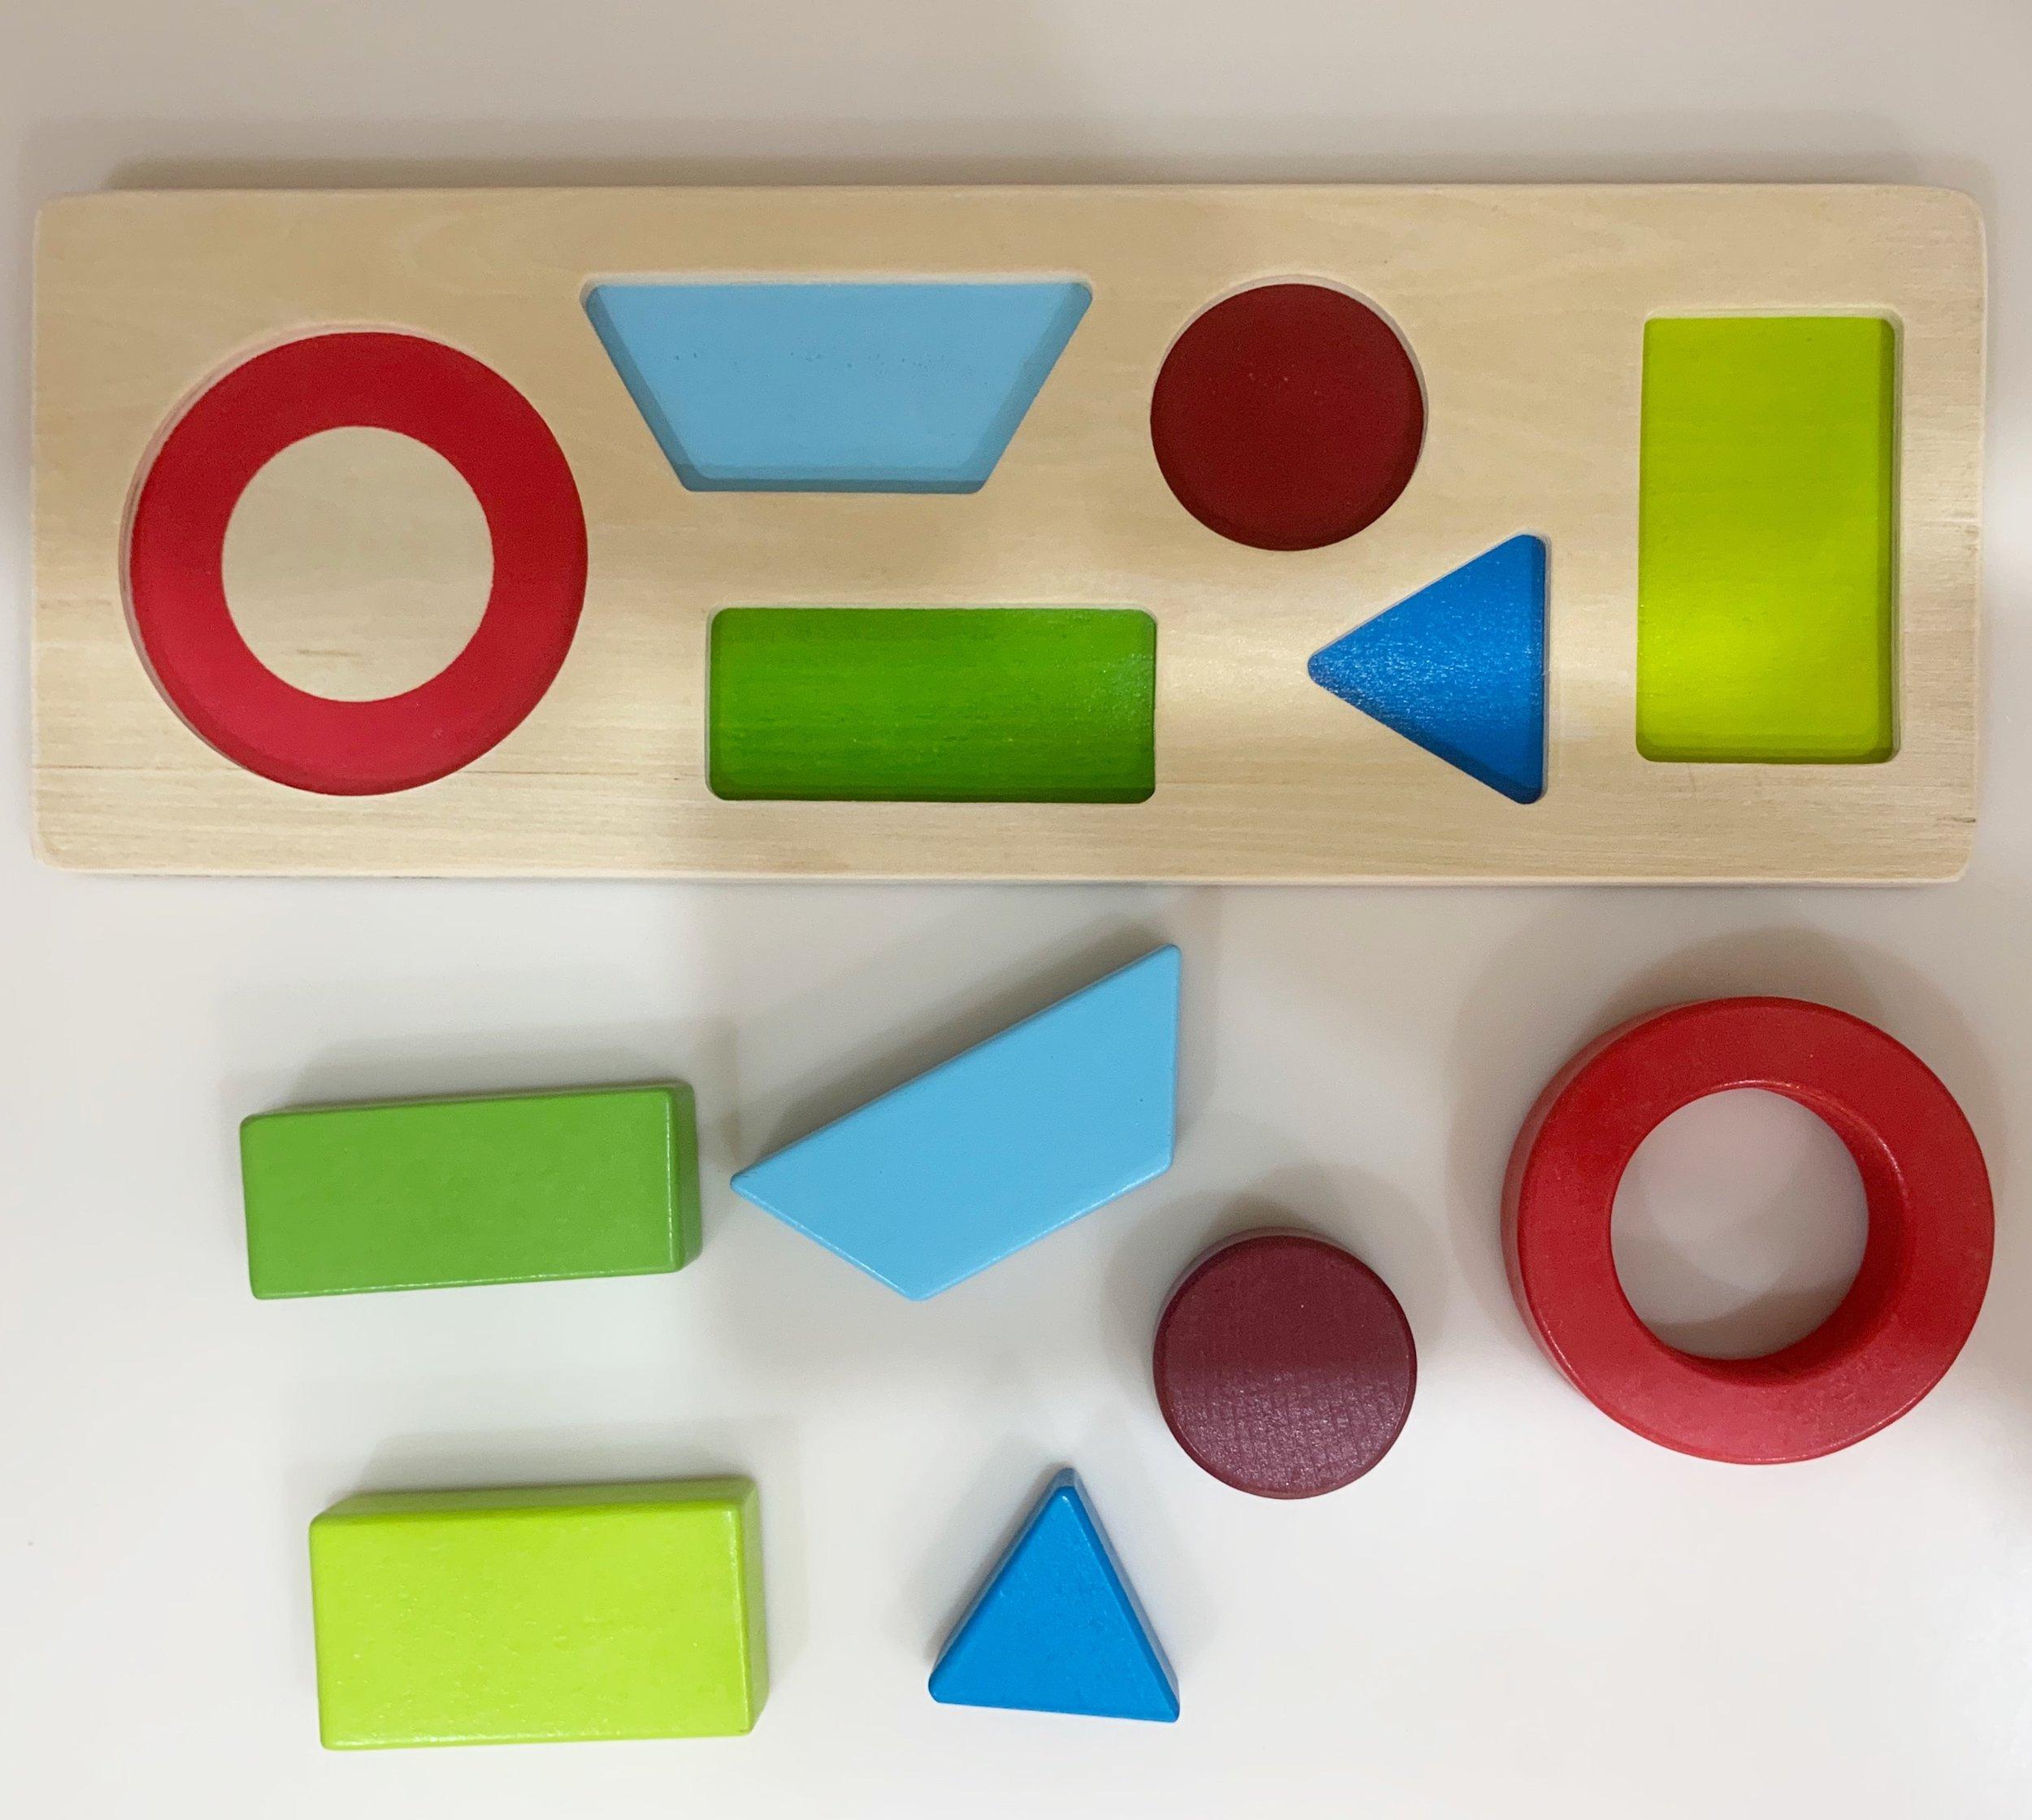 geometrypuzzle5.jpg